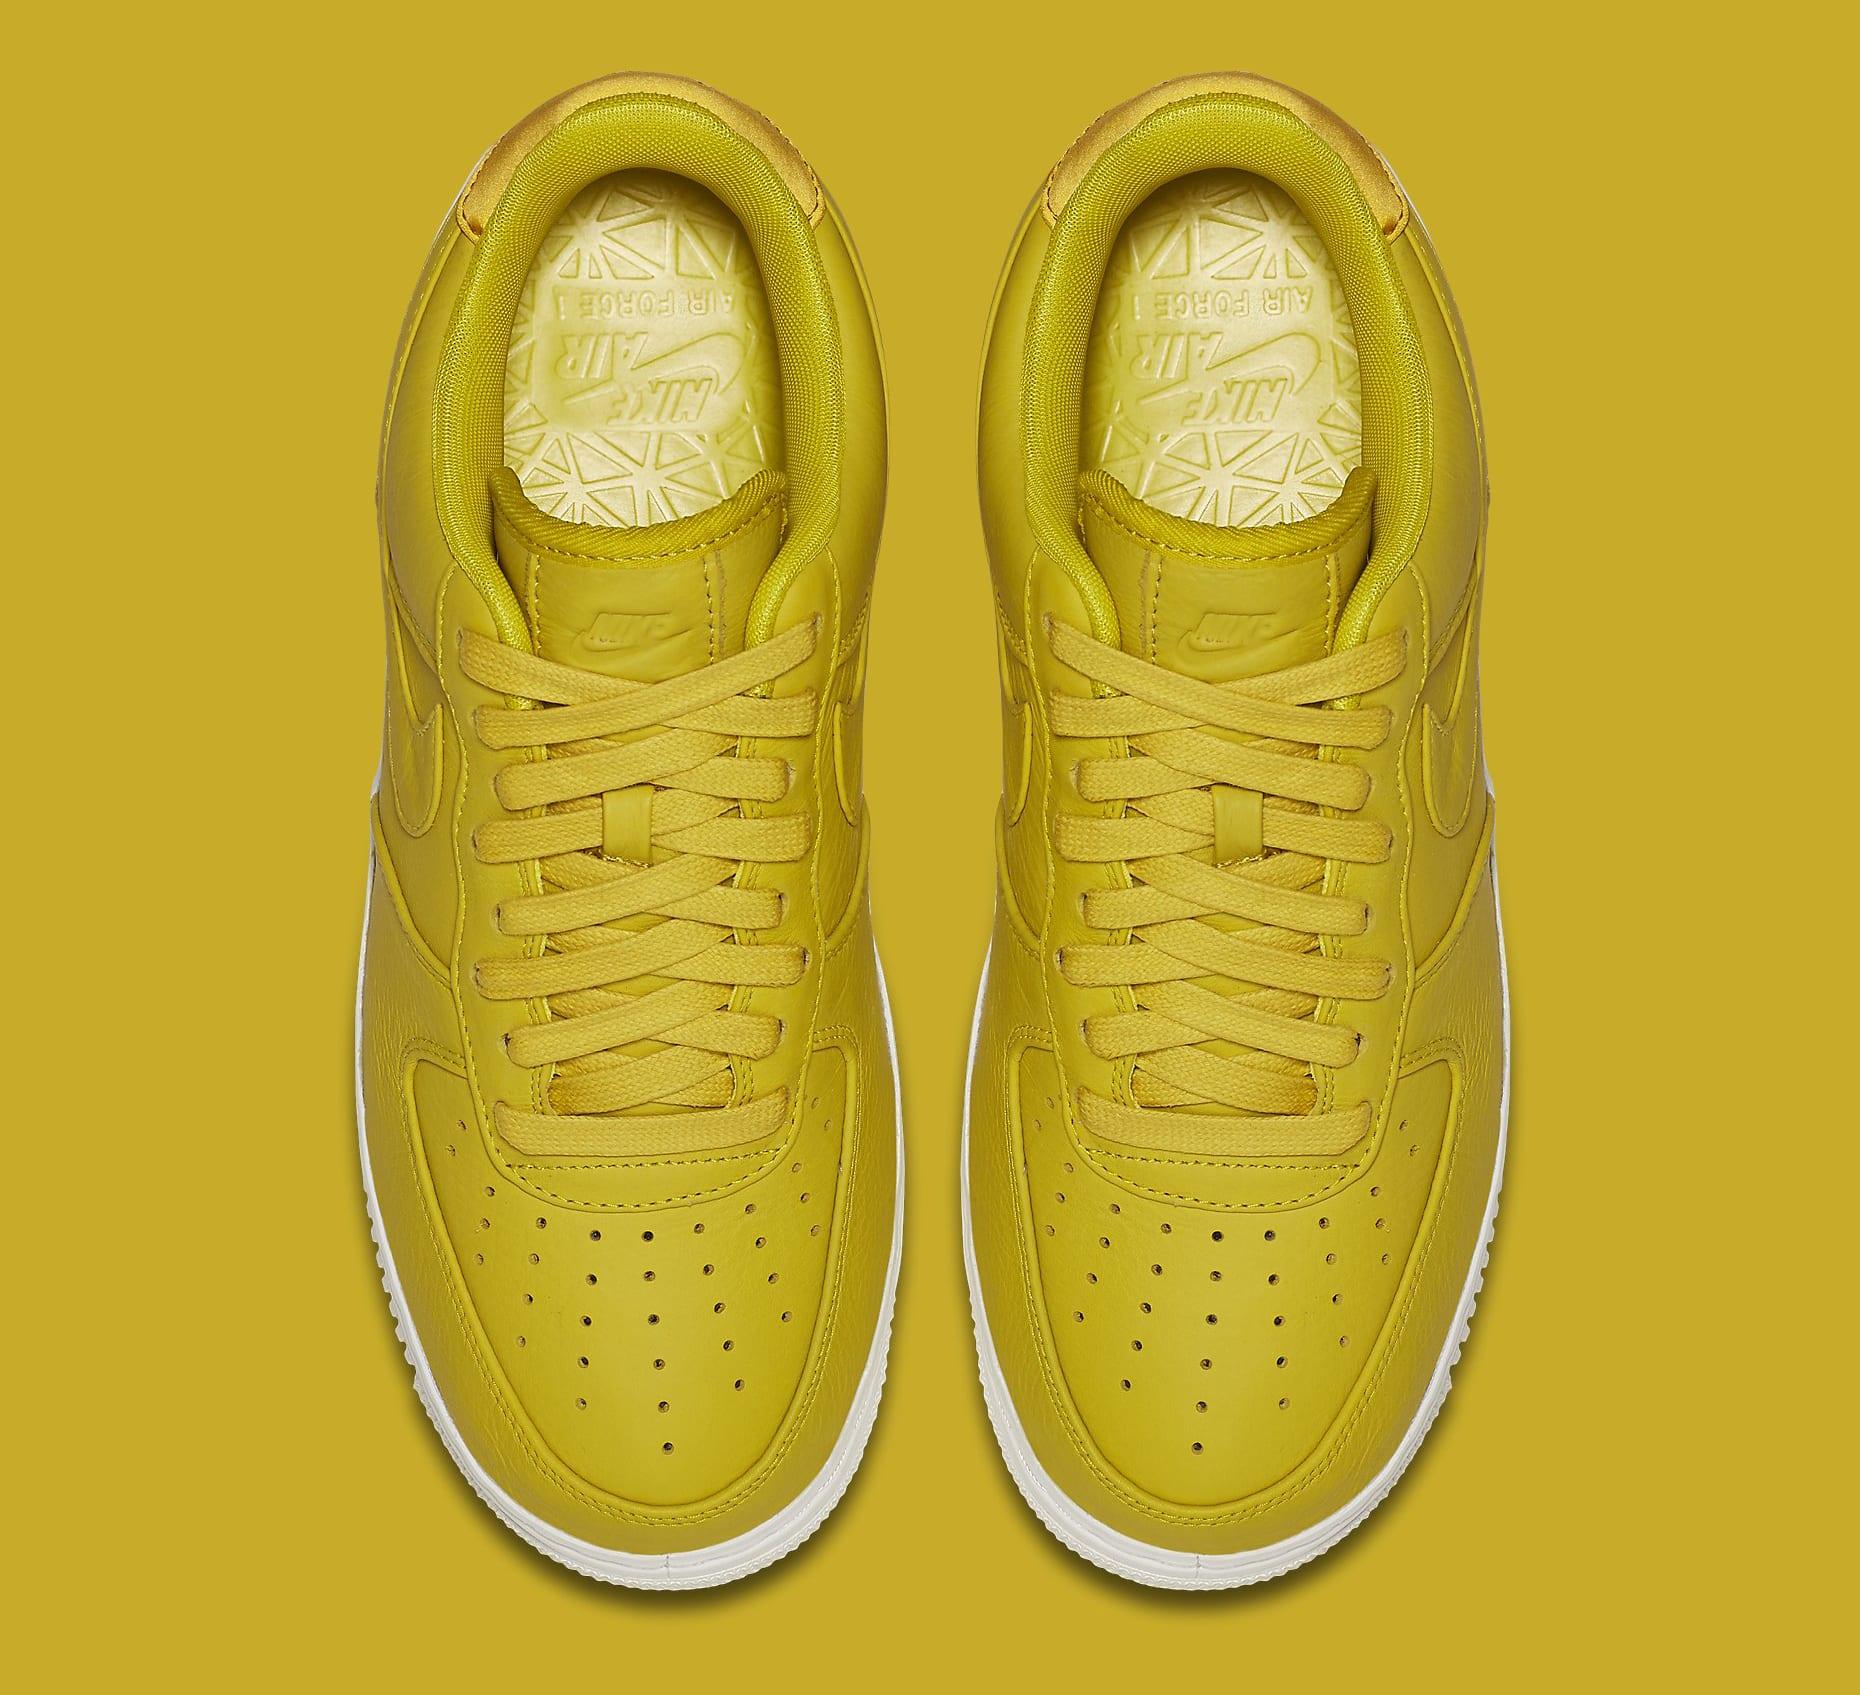 Citron NikeLab Air Force 1 905618-701 Top